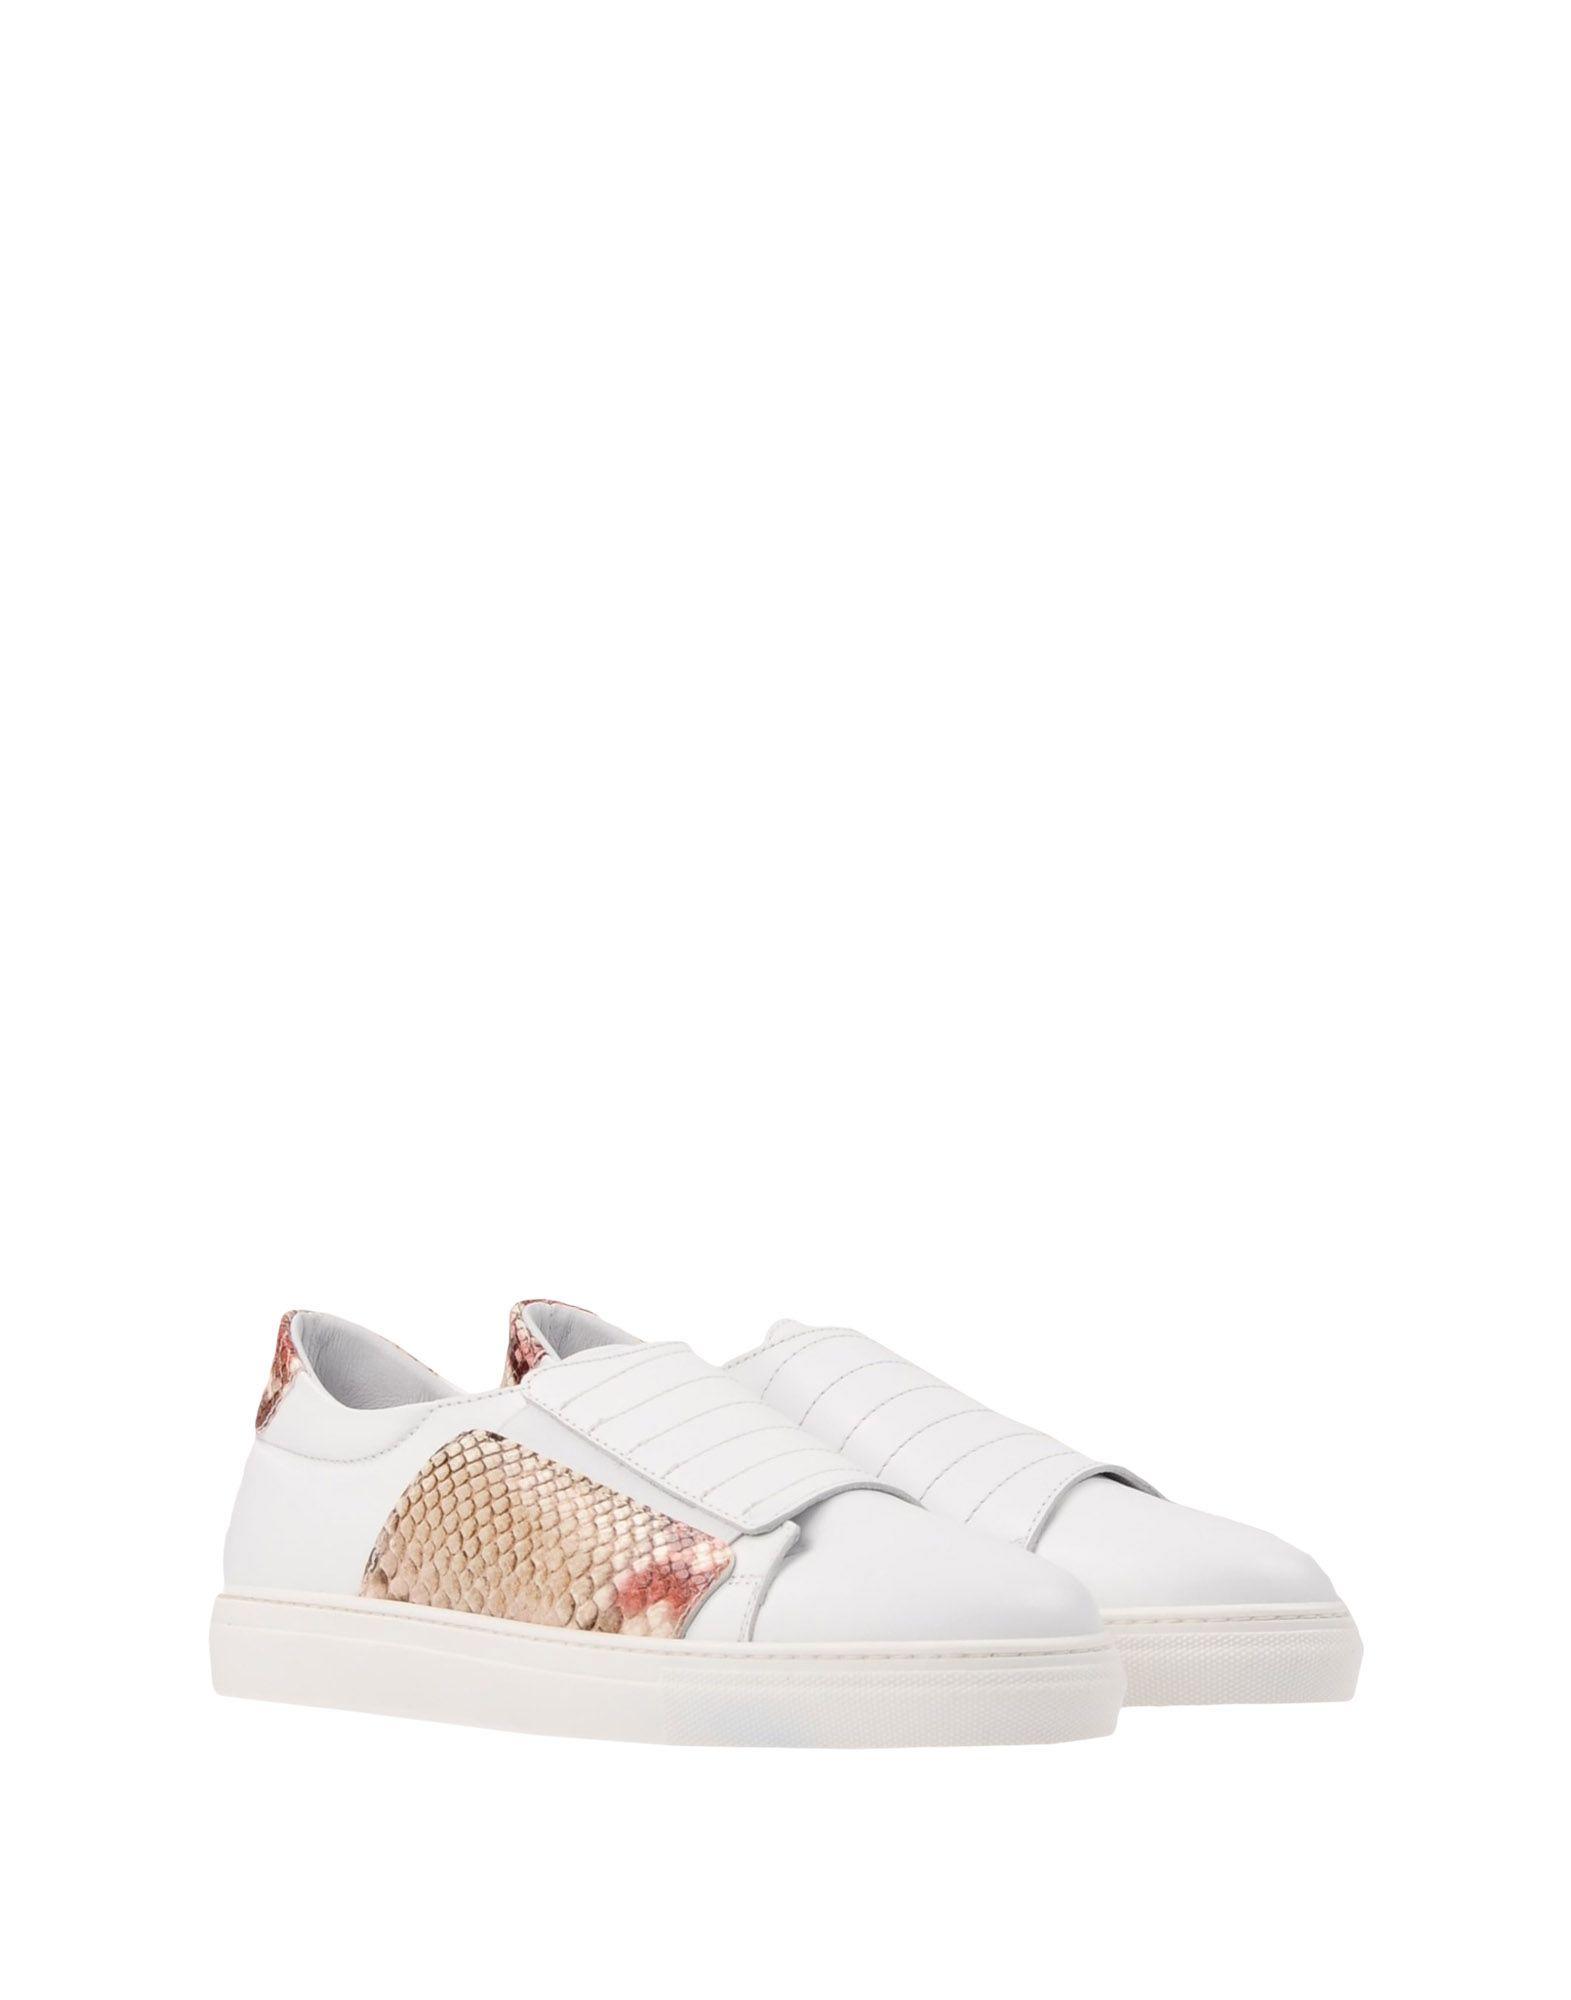 8 Sneakers Schuhe Damen  11456729WA Heiße Schuhe Sneakers cccb76